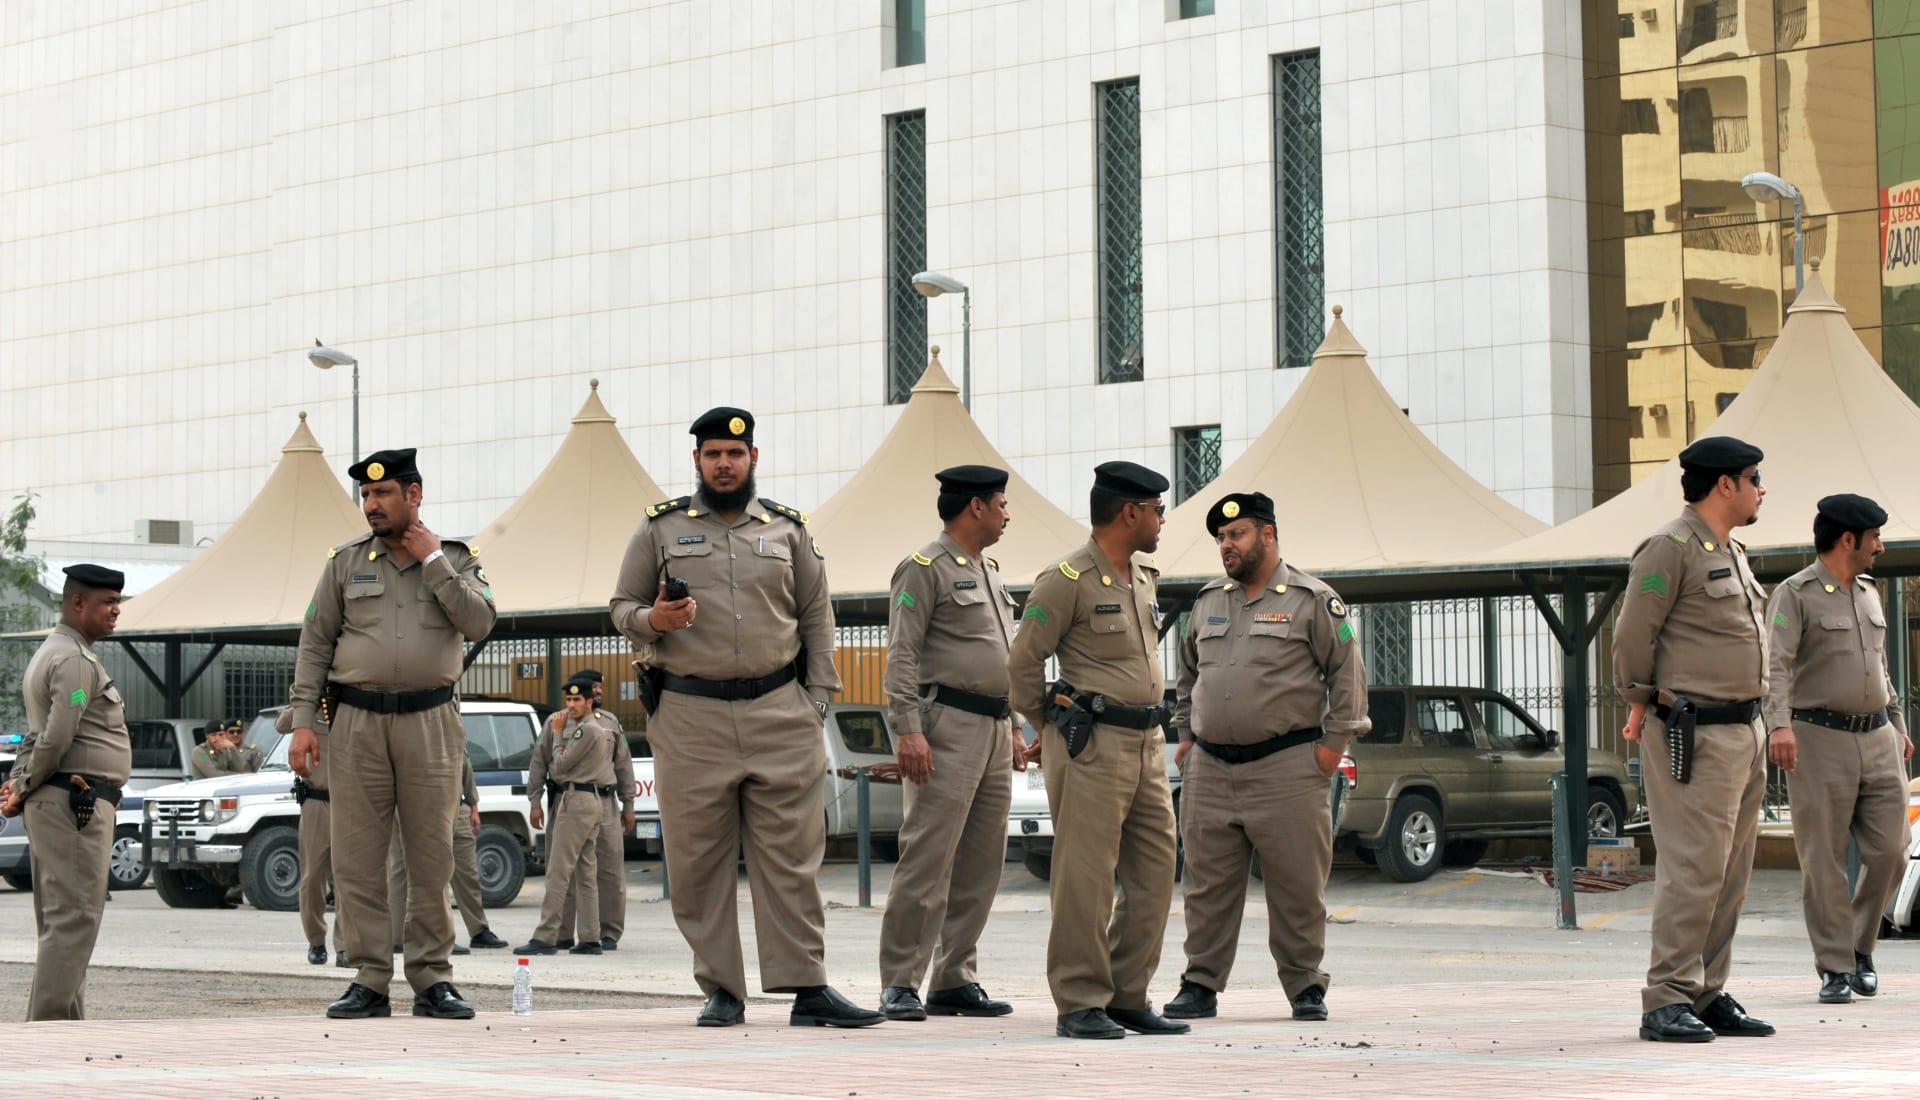 القبض على مسؤول بوزارة الدفاع السعودية بتهم فساد